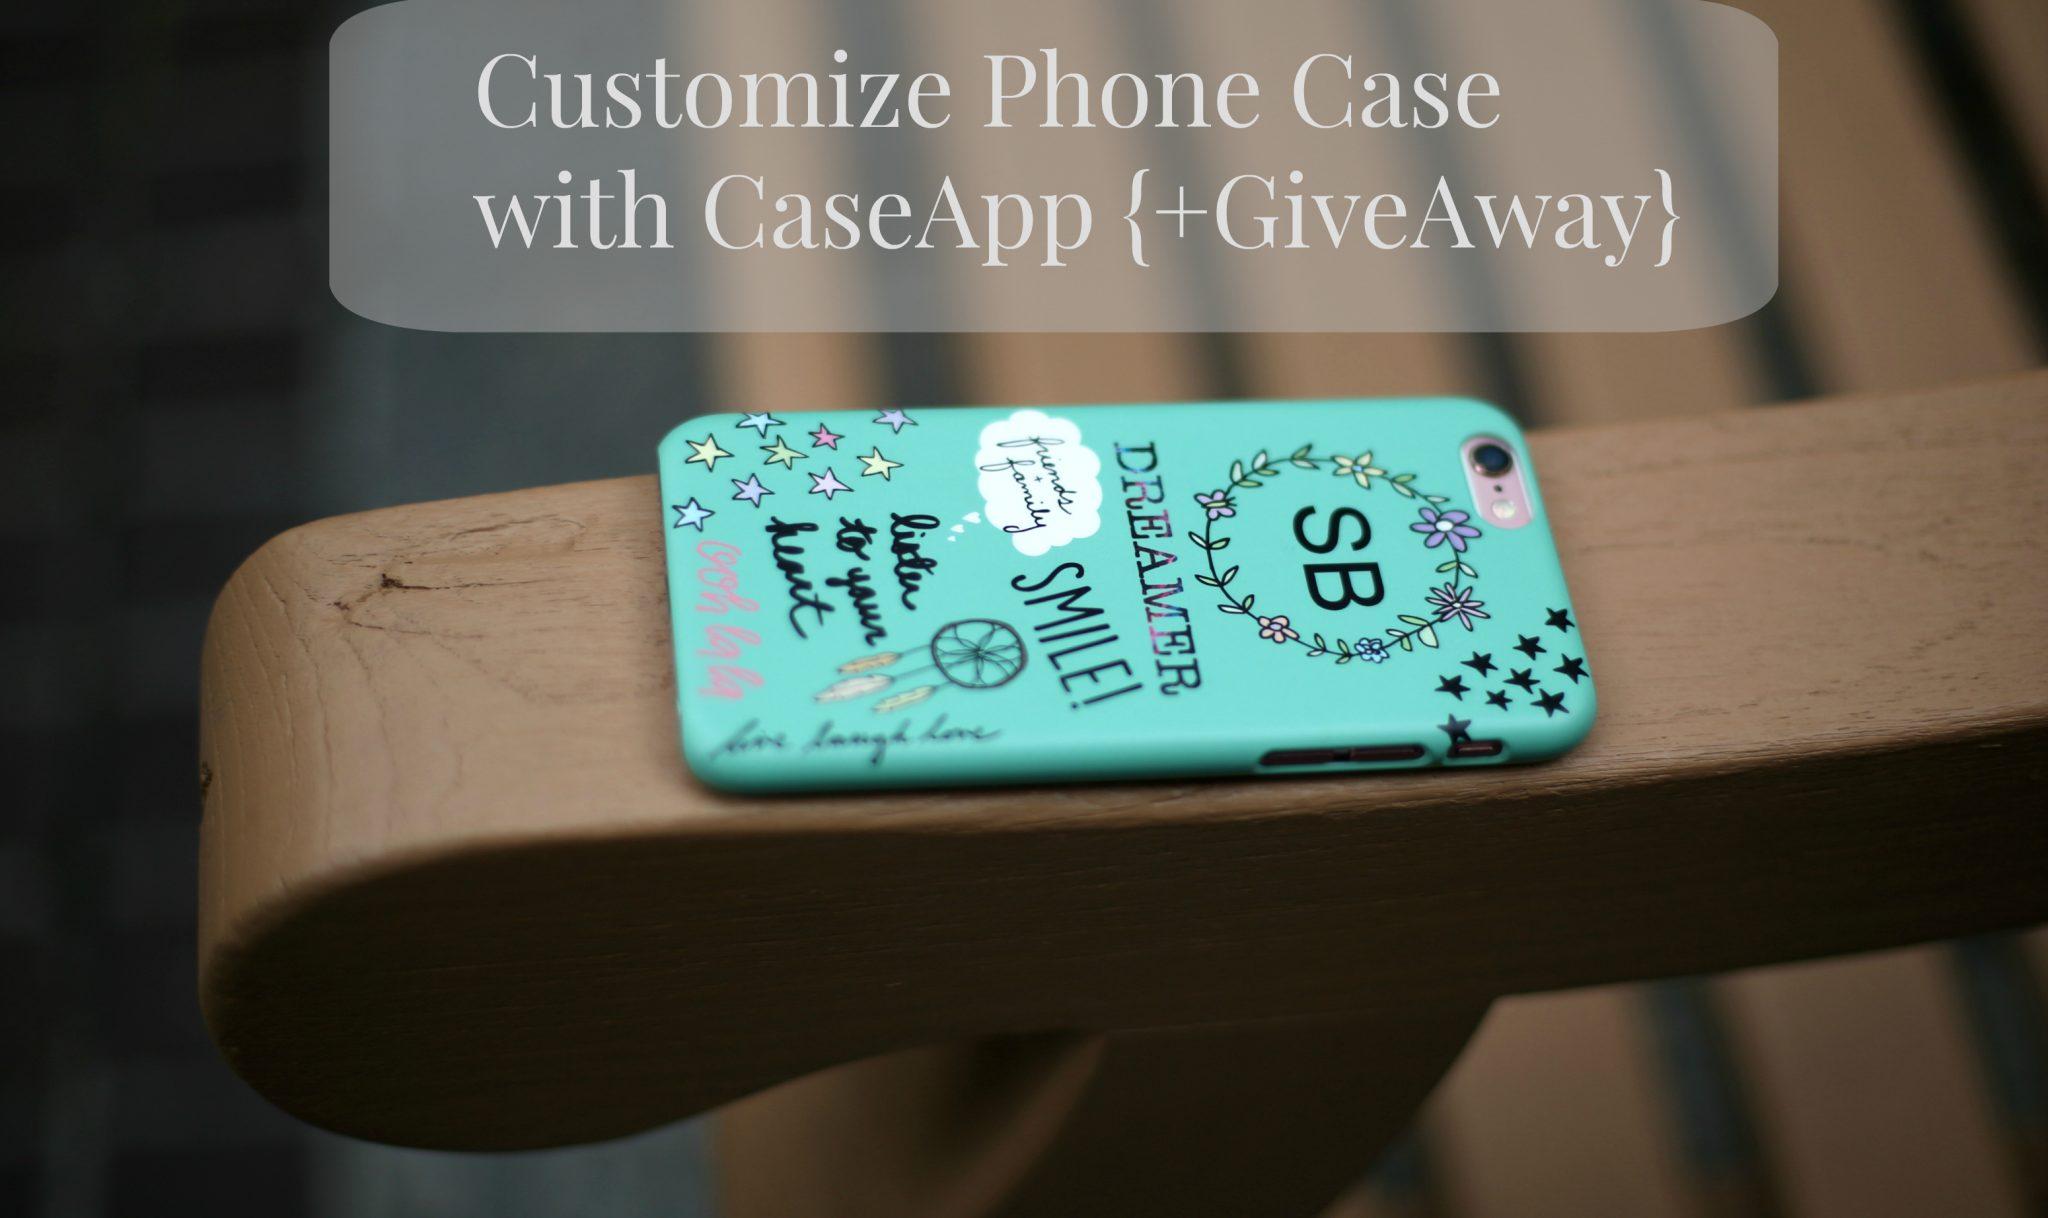 caseapp-iphone-case-customize-dl-3